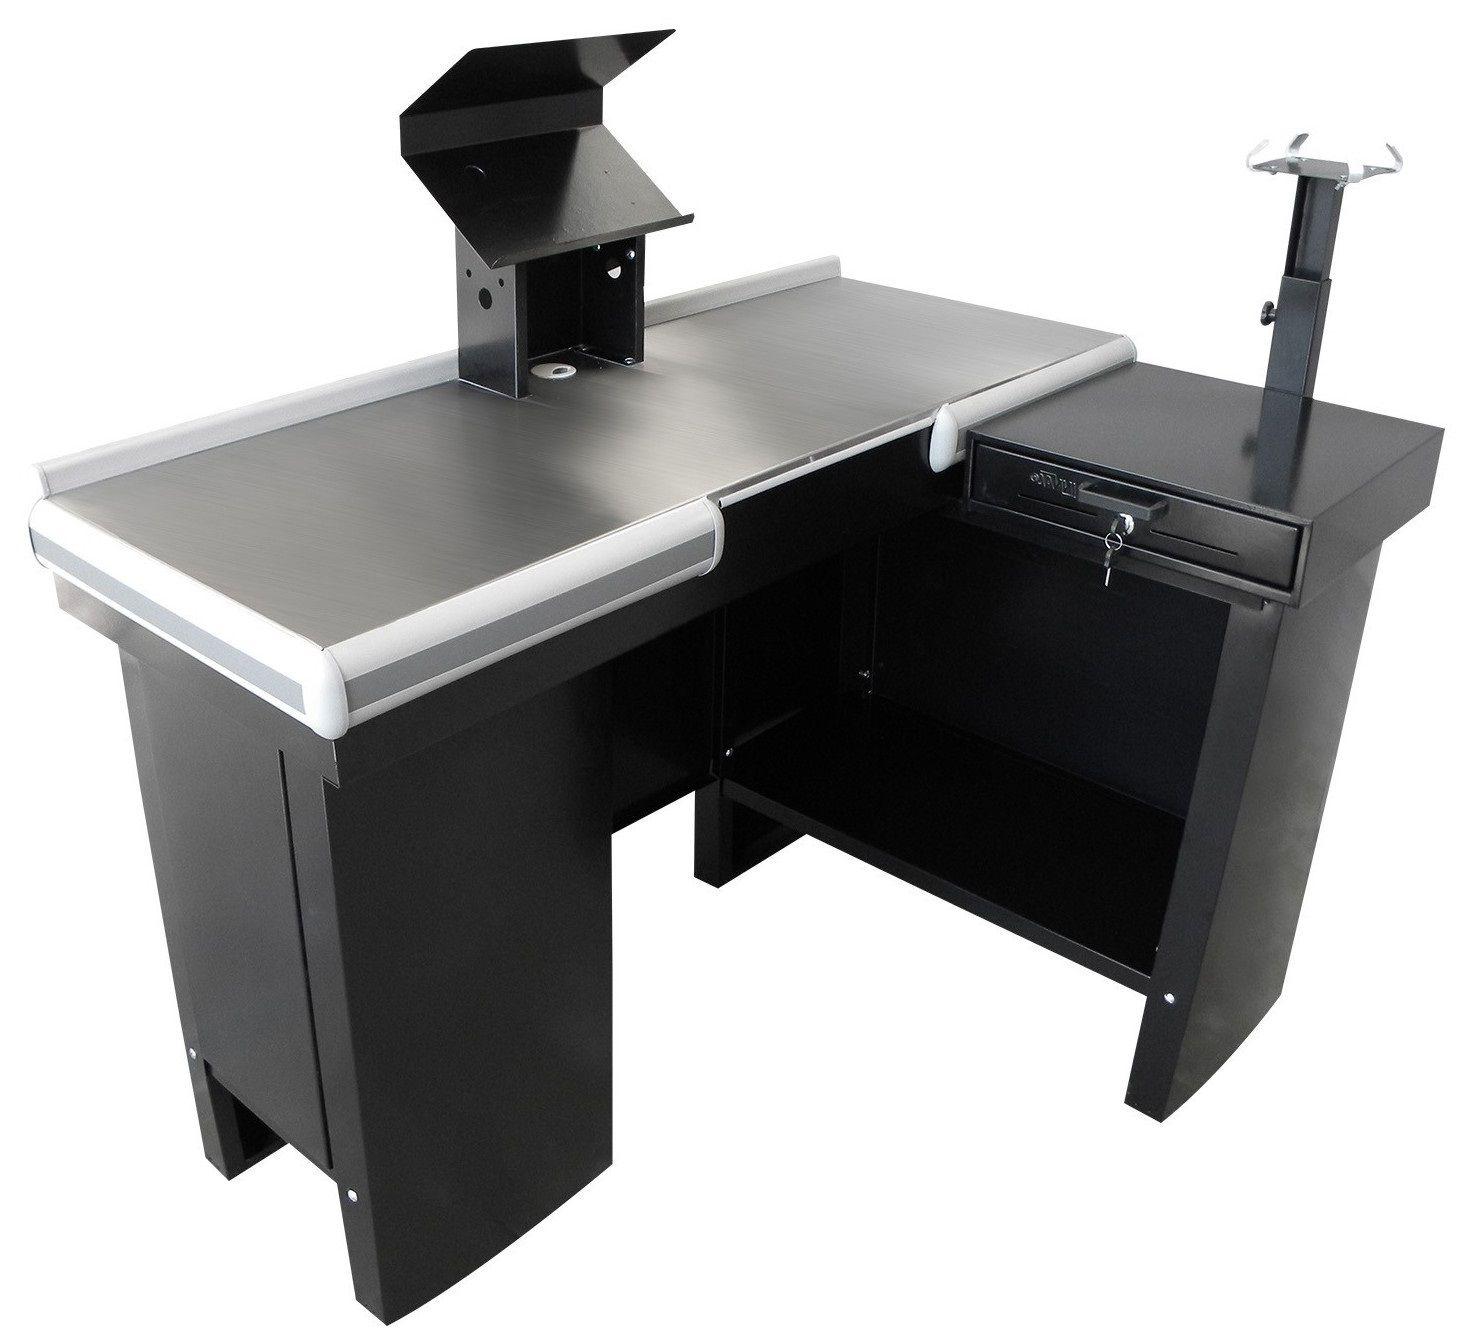 Checkout Caixa de Supermercado 1,30 Metálico com Kit para Automação e Furação Balança - Innal  - Carmel Equipamentos